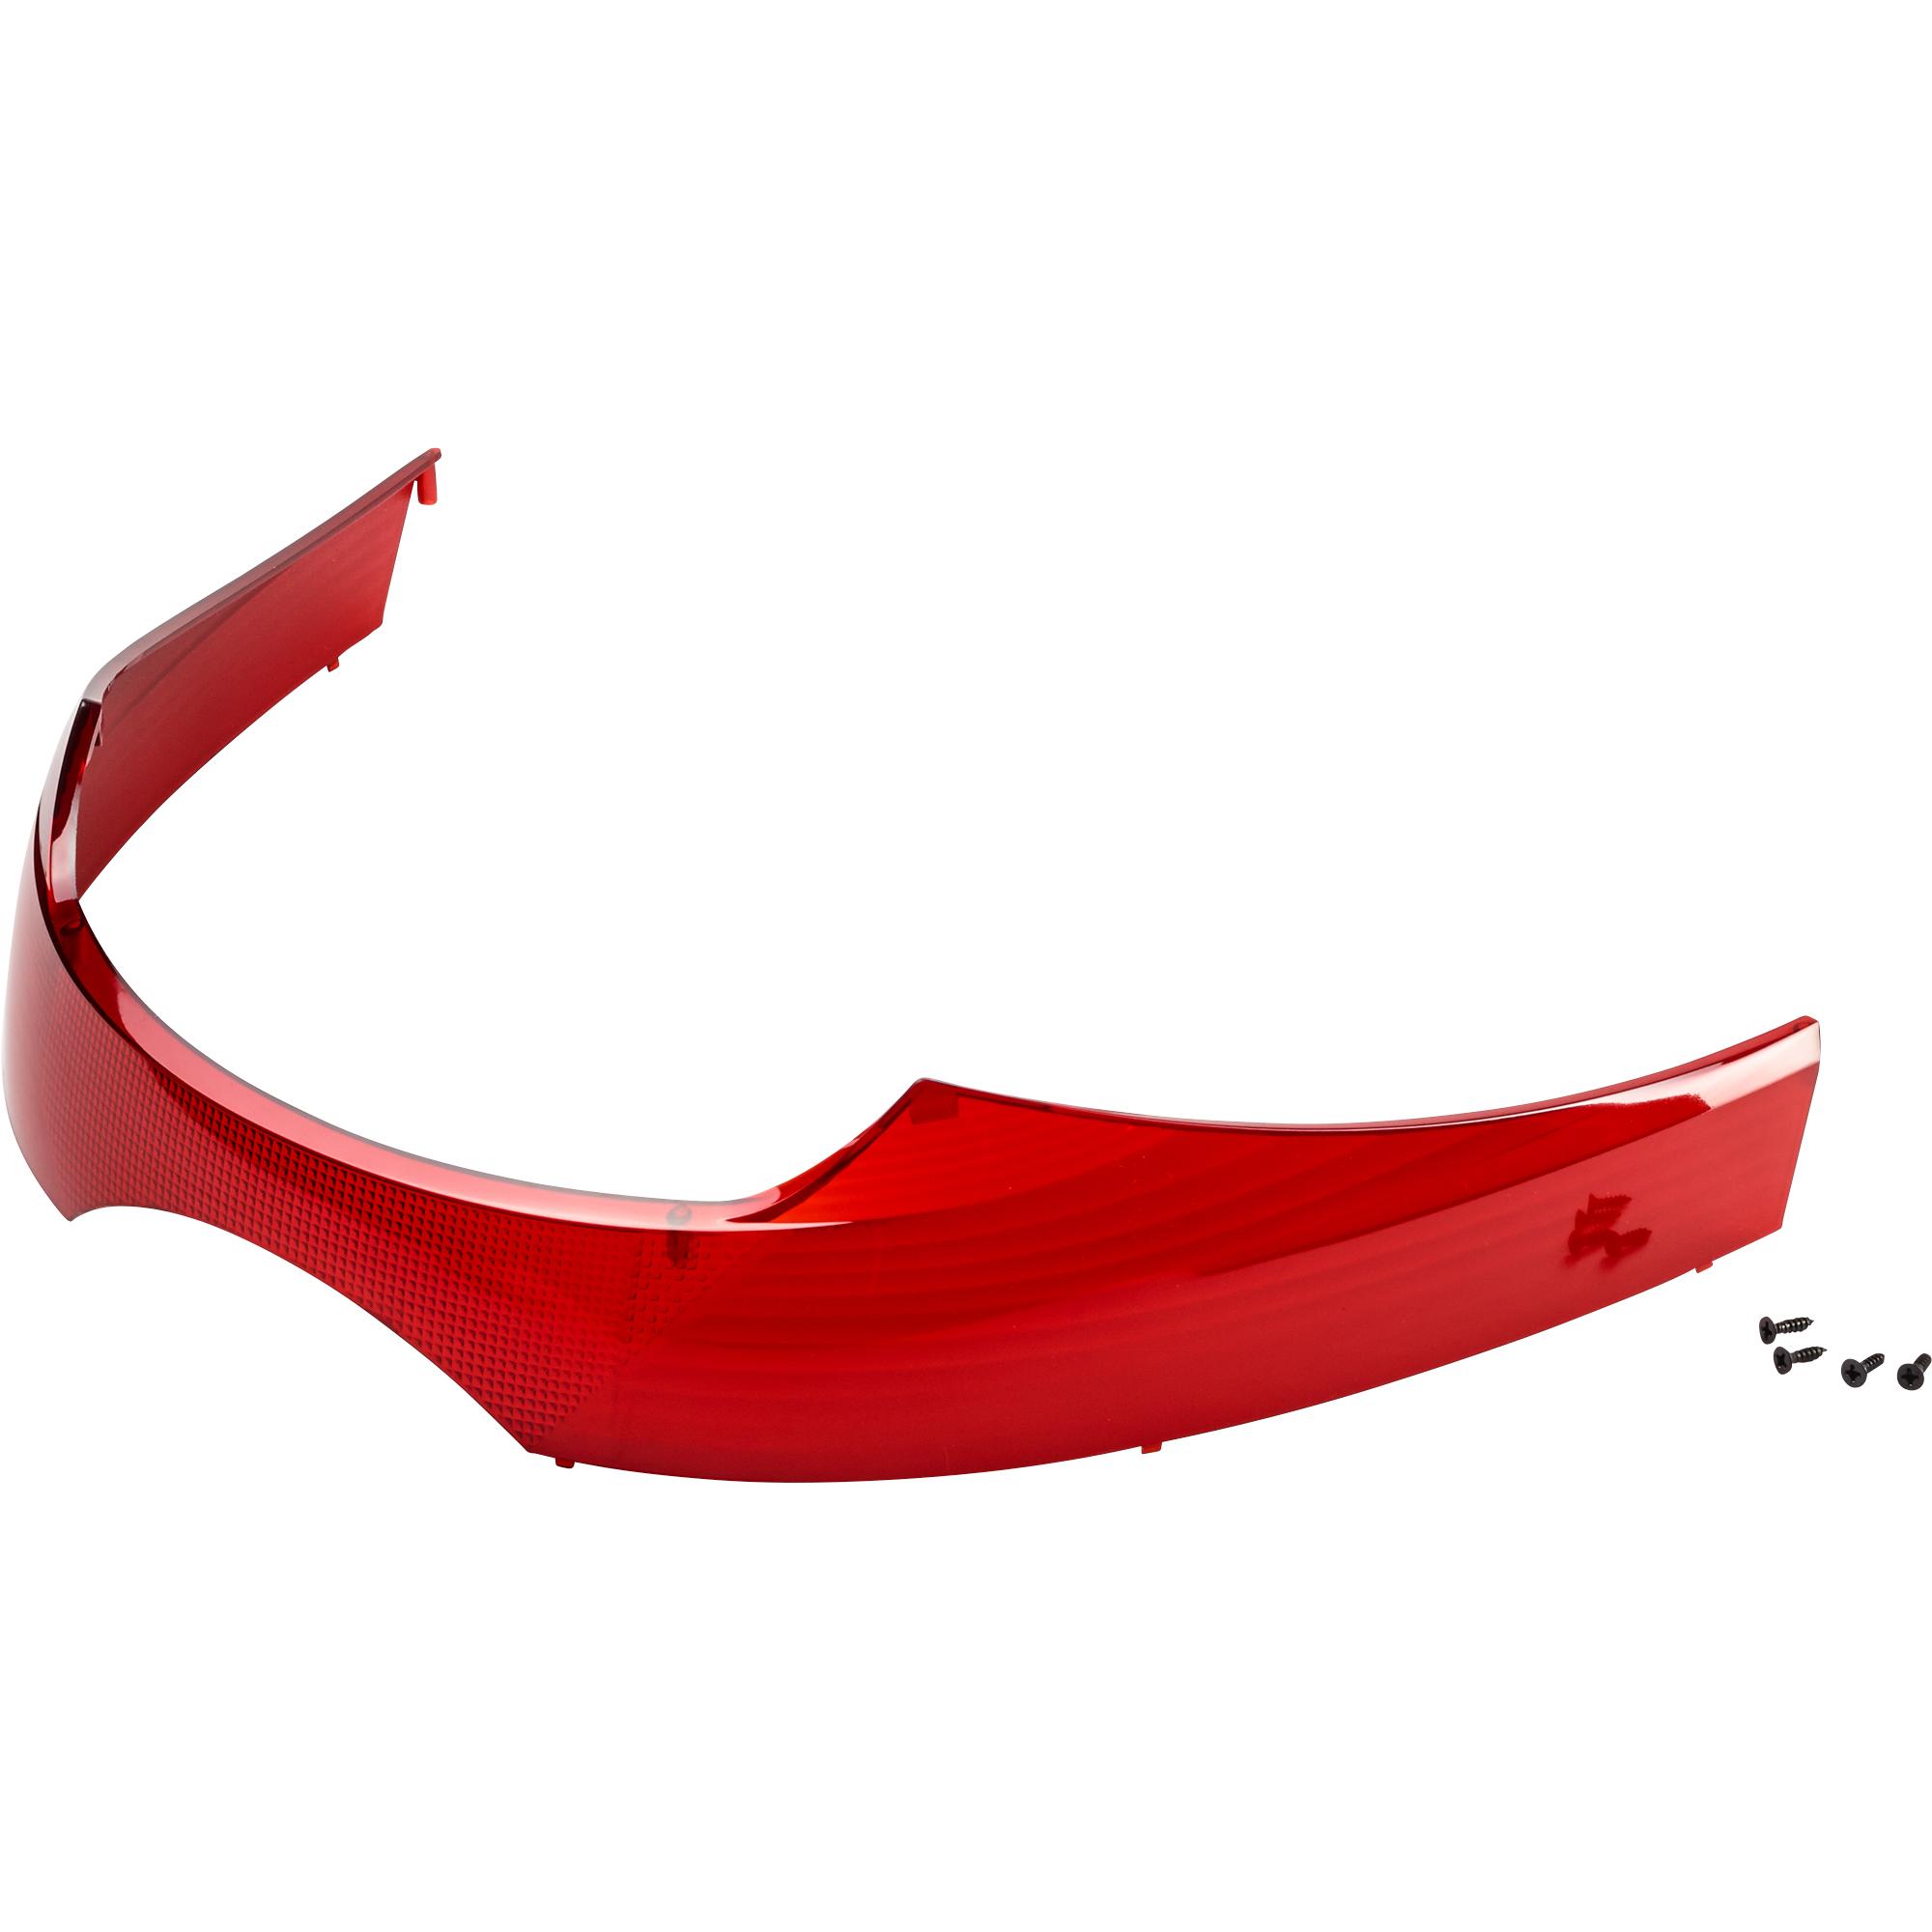 Shad Ersatz-Reflektor für SH33 Topcase rot 70210200124